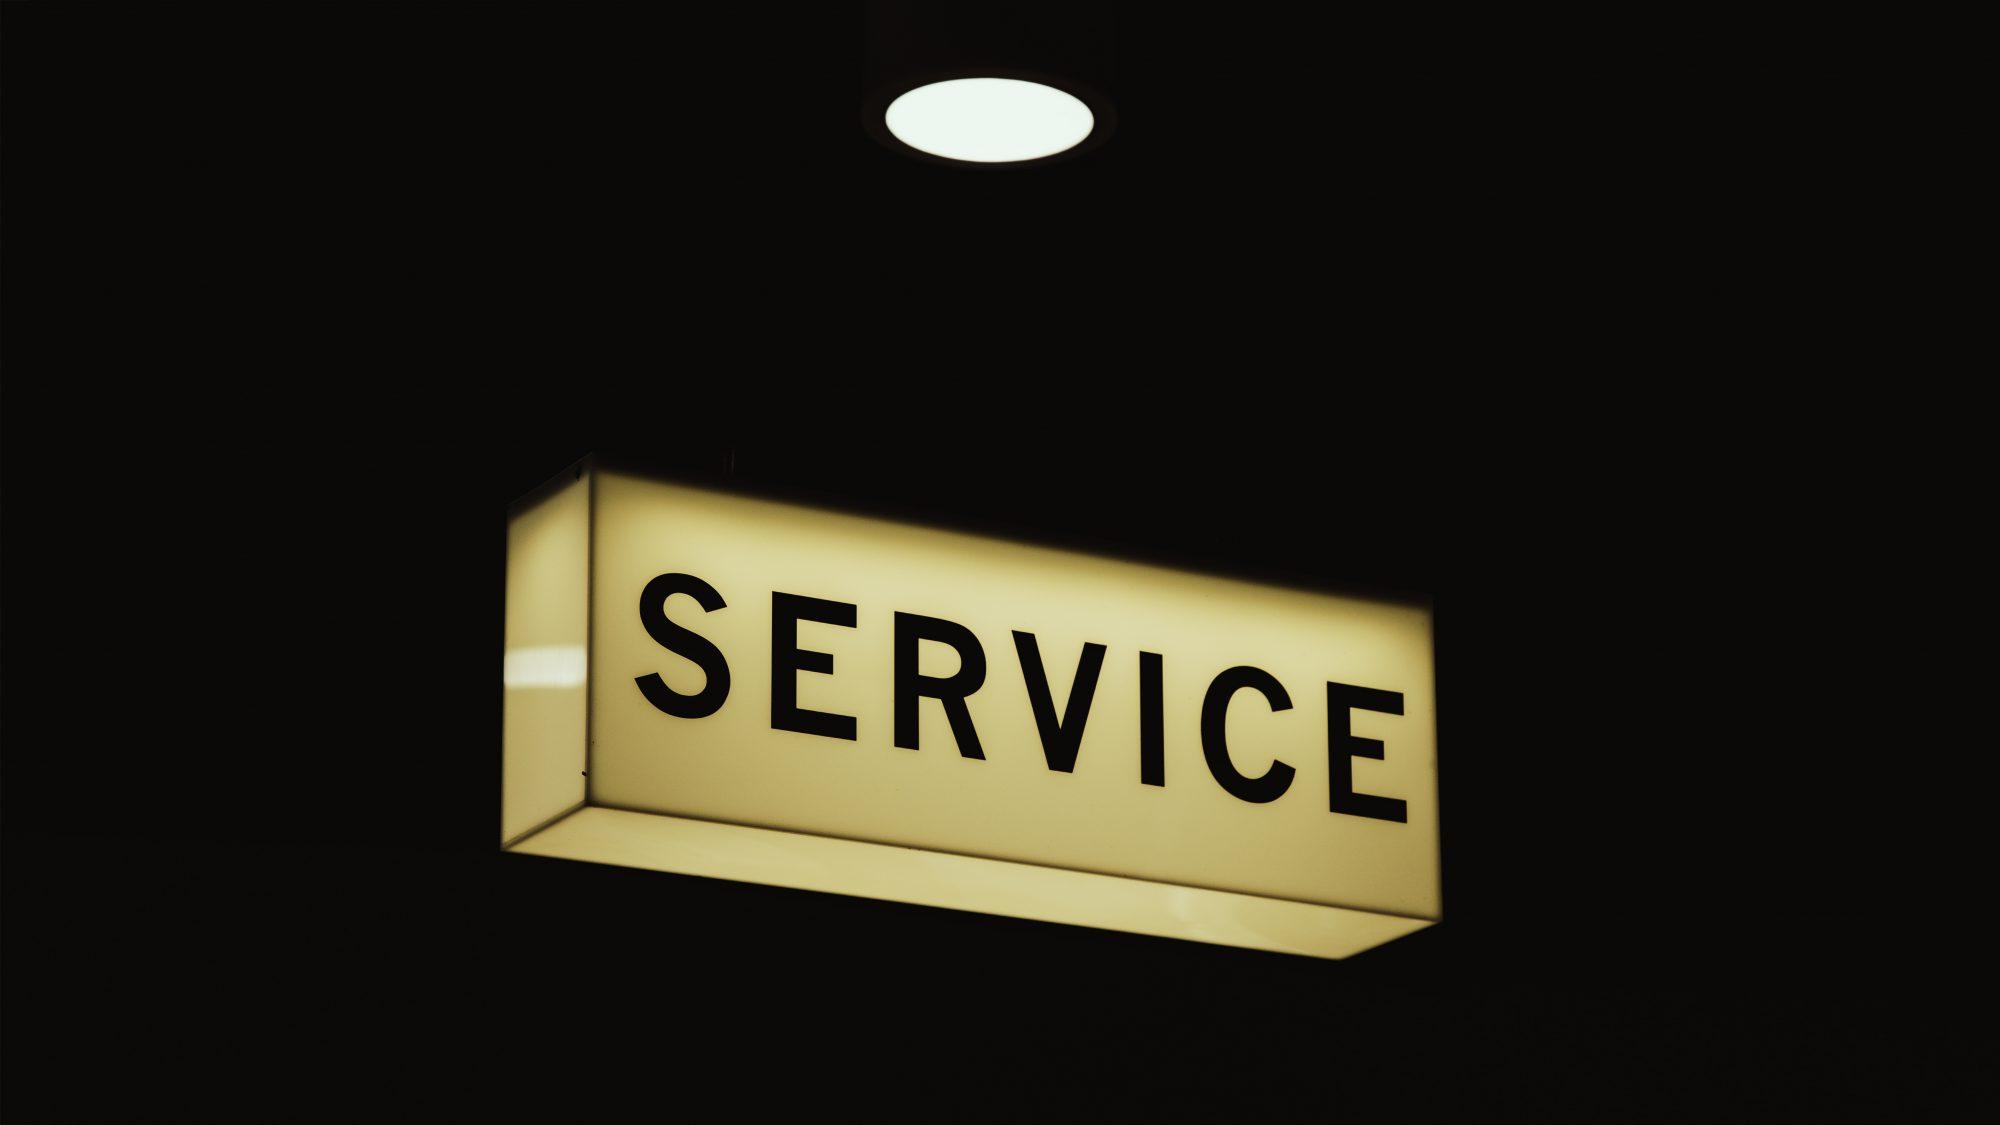 activar o desactivar servicios en linux